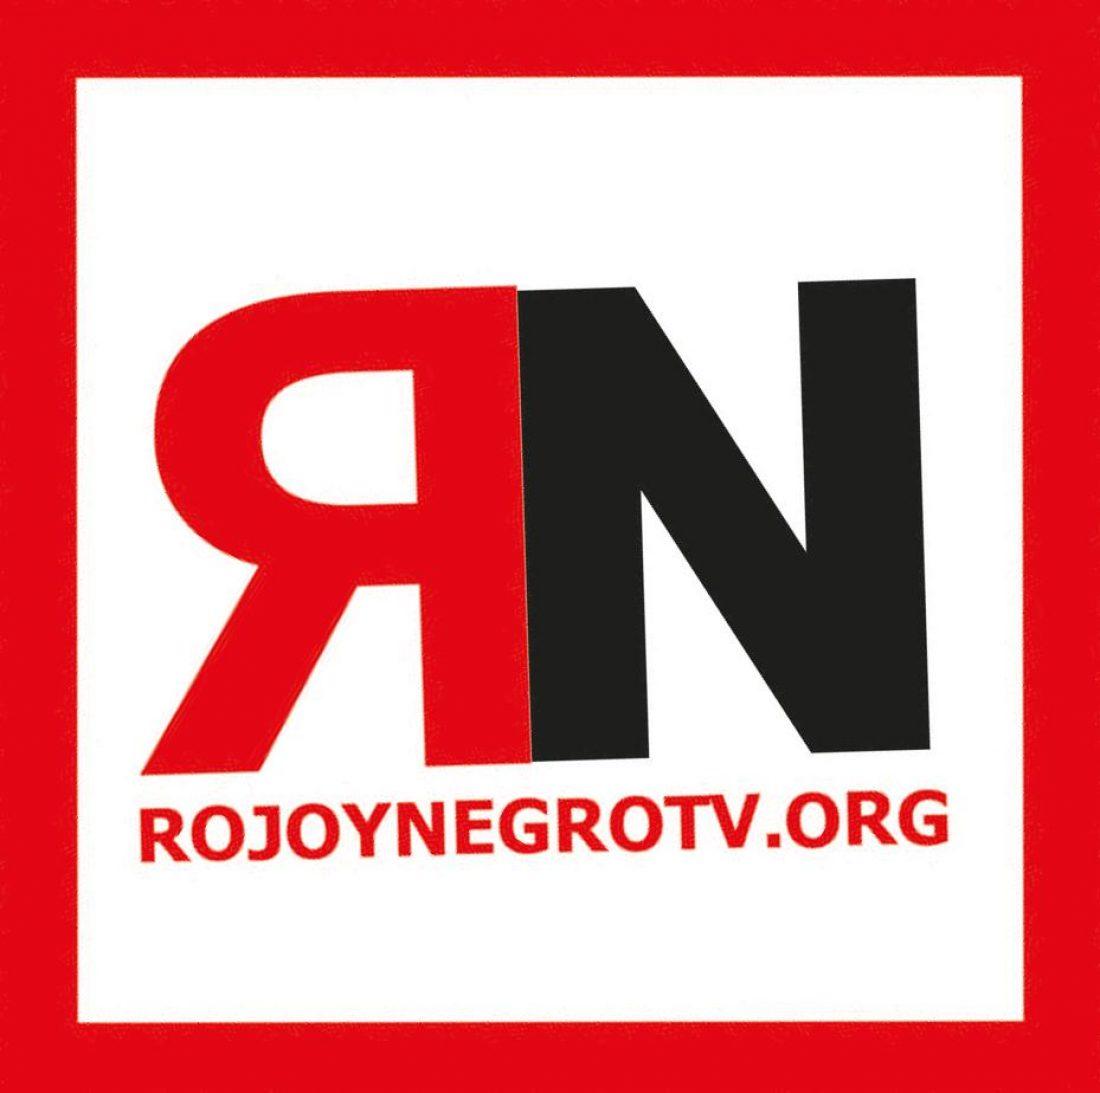 Acto de presentación del medio de comunicación Rojo y Negro televisión como apuesta comunicativa audiovisual de la CGT